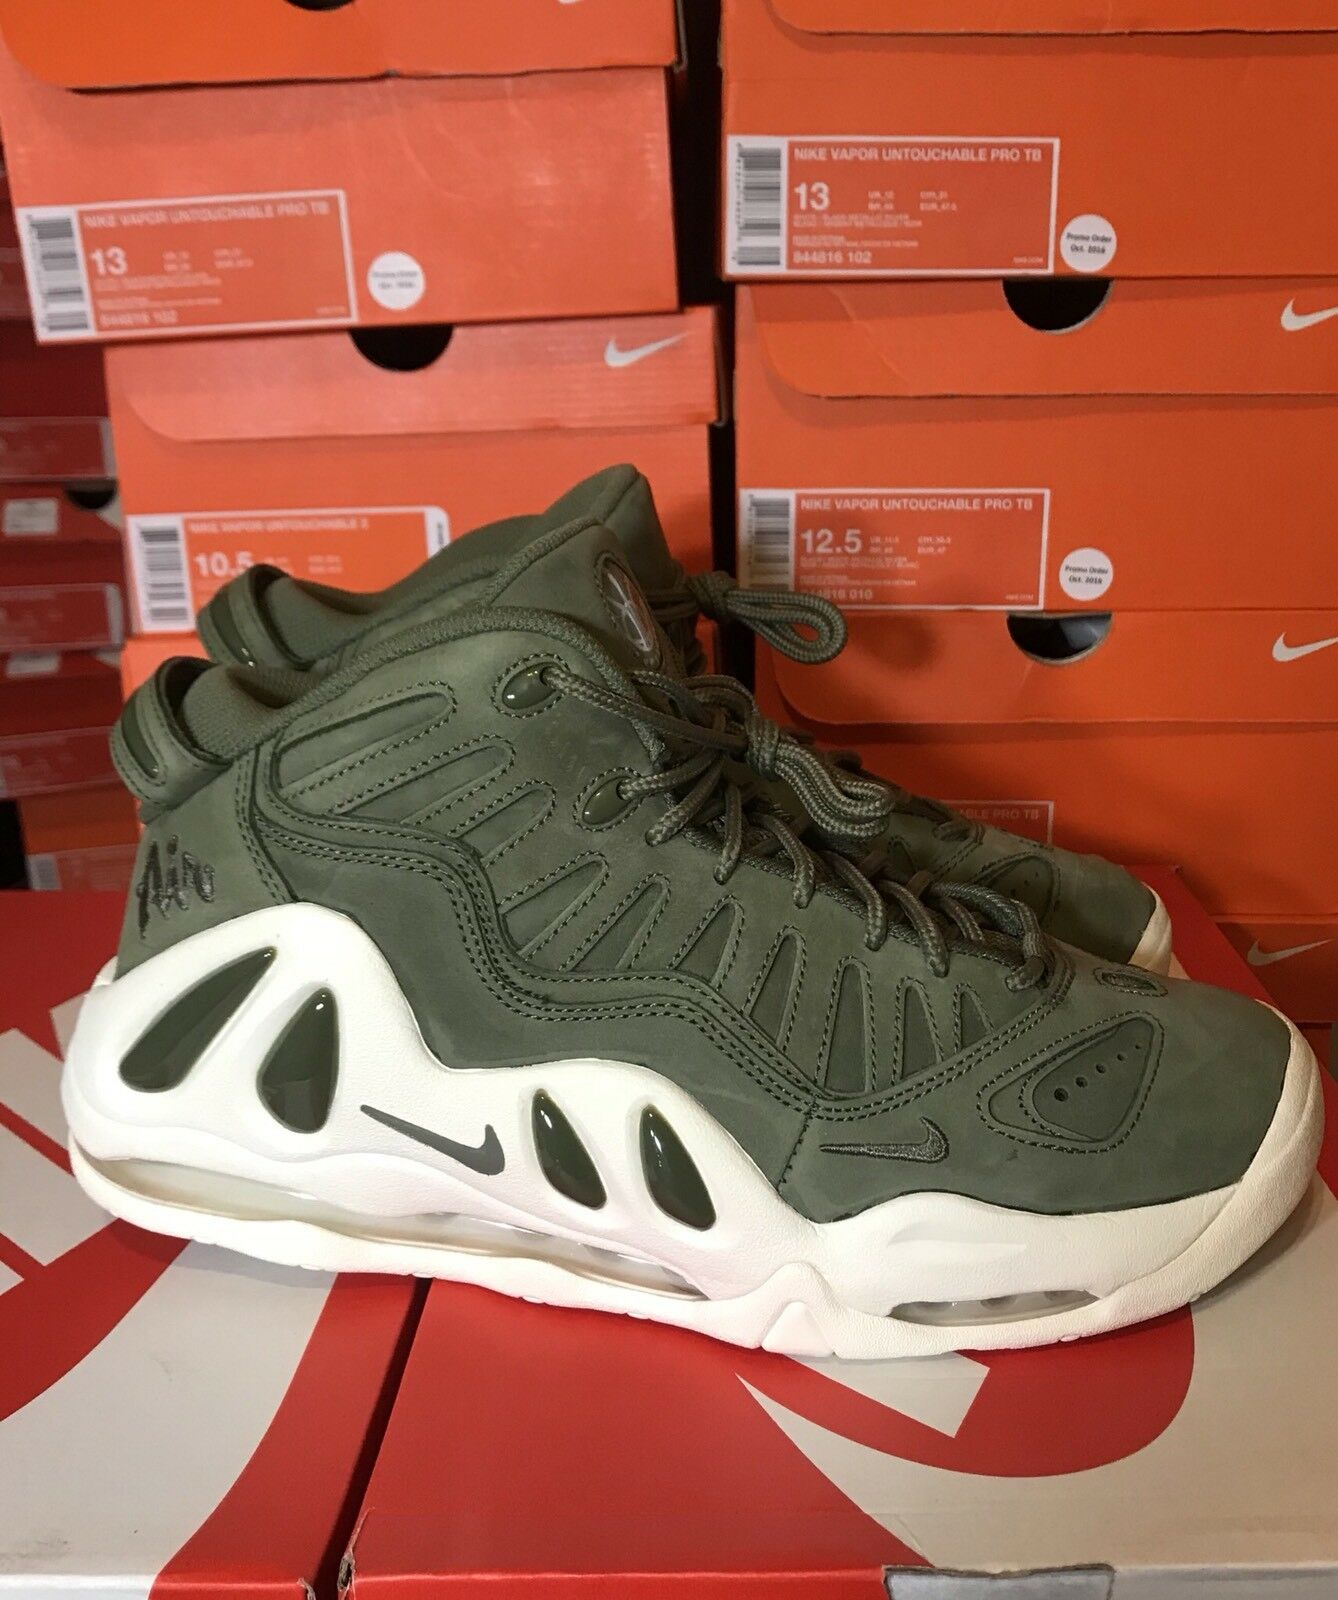 Nike Air Max Uptempo 97 Urban Haze White Scottie Pippen sz Size 10  399207-300